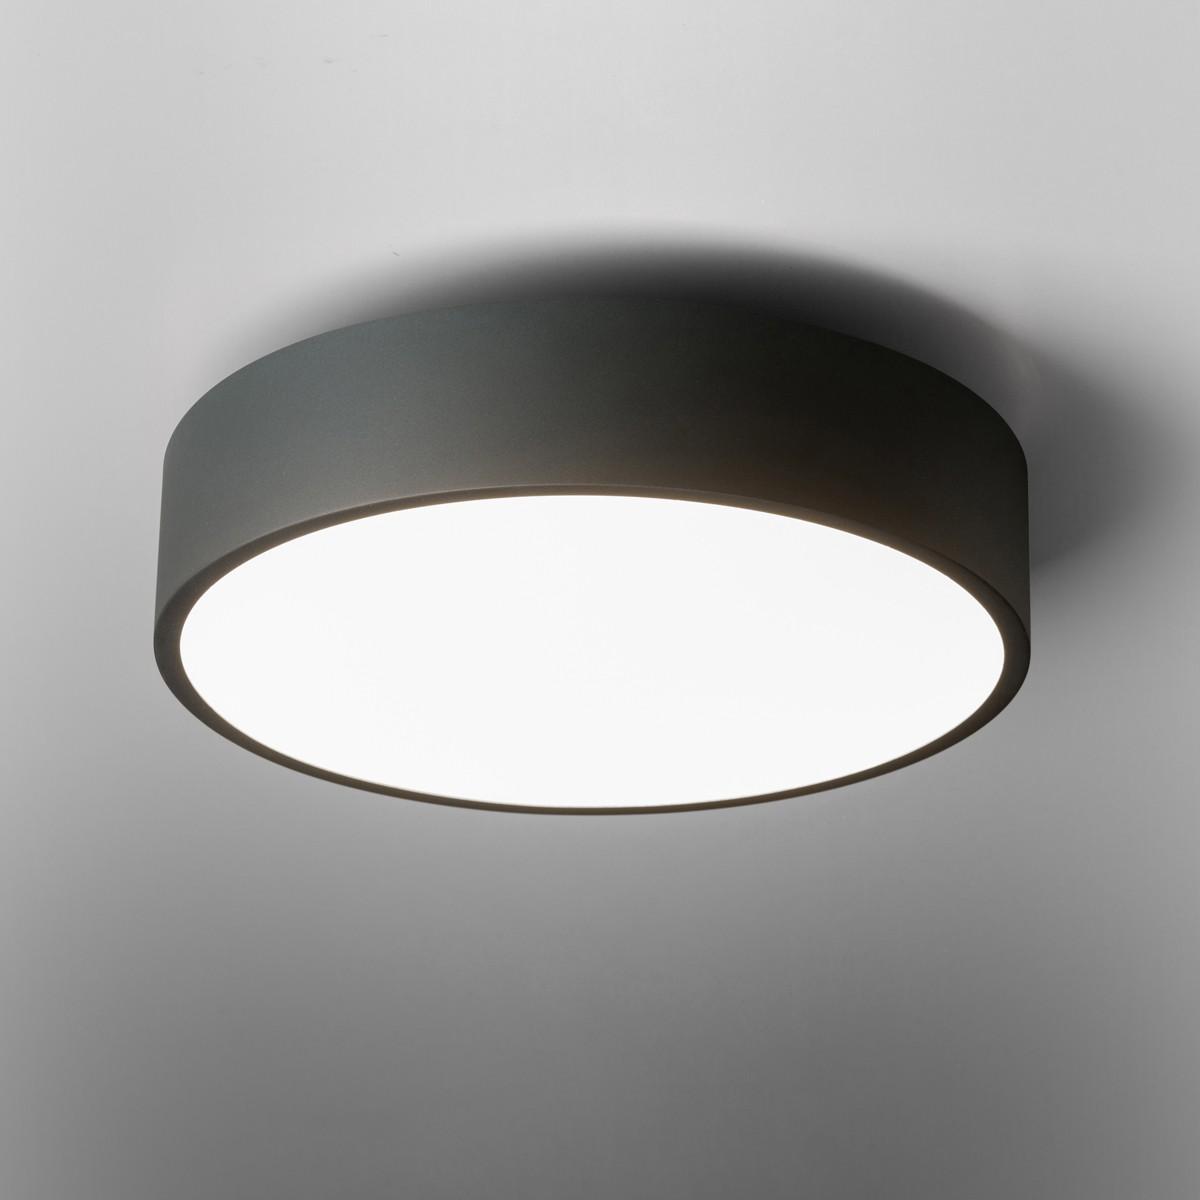 Lupia Licht Cara Wand- / Deckenleuchte, Ø: 40 cm, schwarz